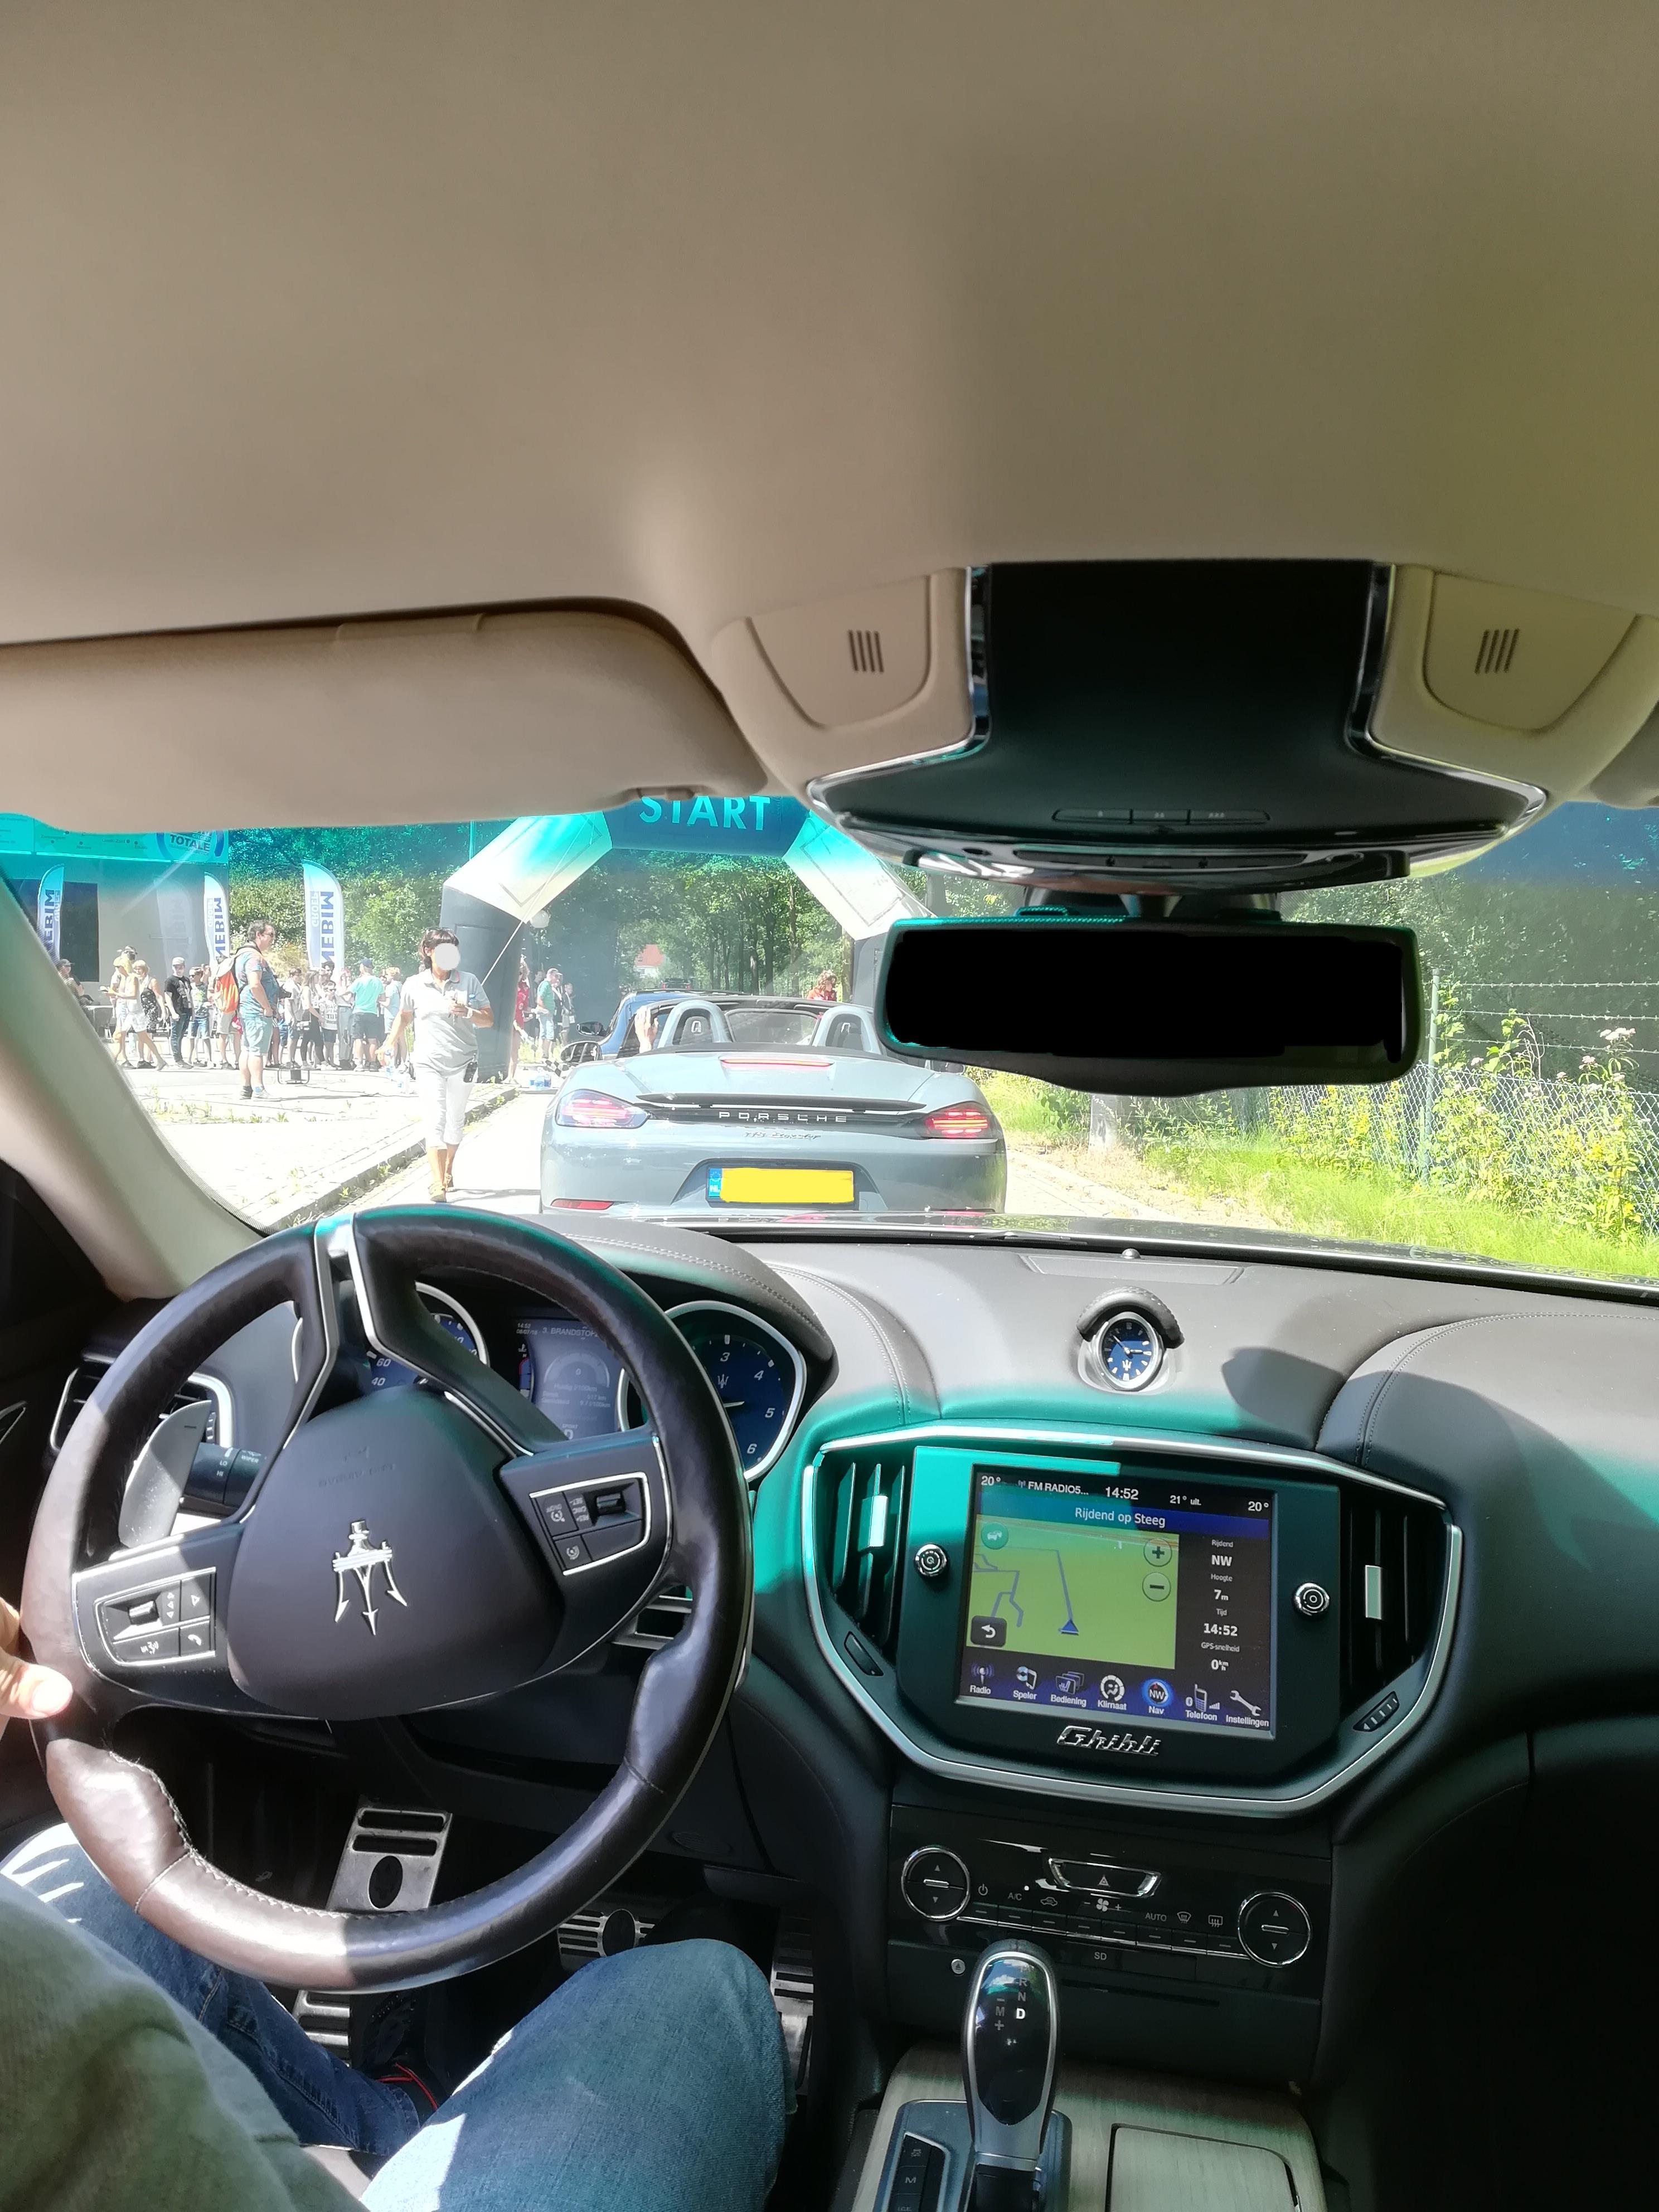 Binnenzijde, dashboard van de Maseratti. Porsche van achteren. Start bij Autotron.